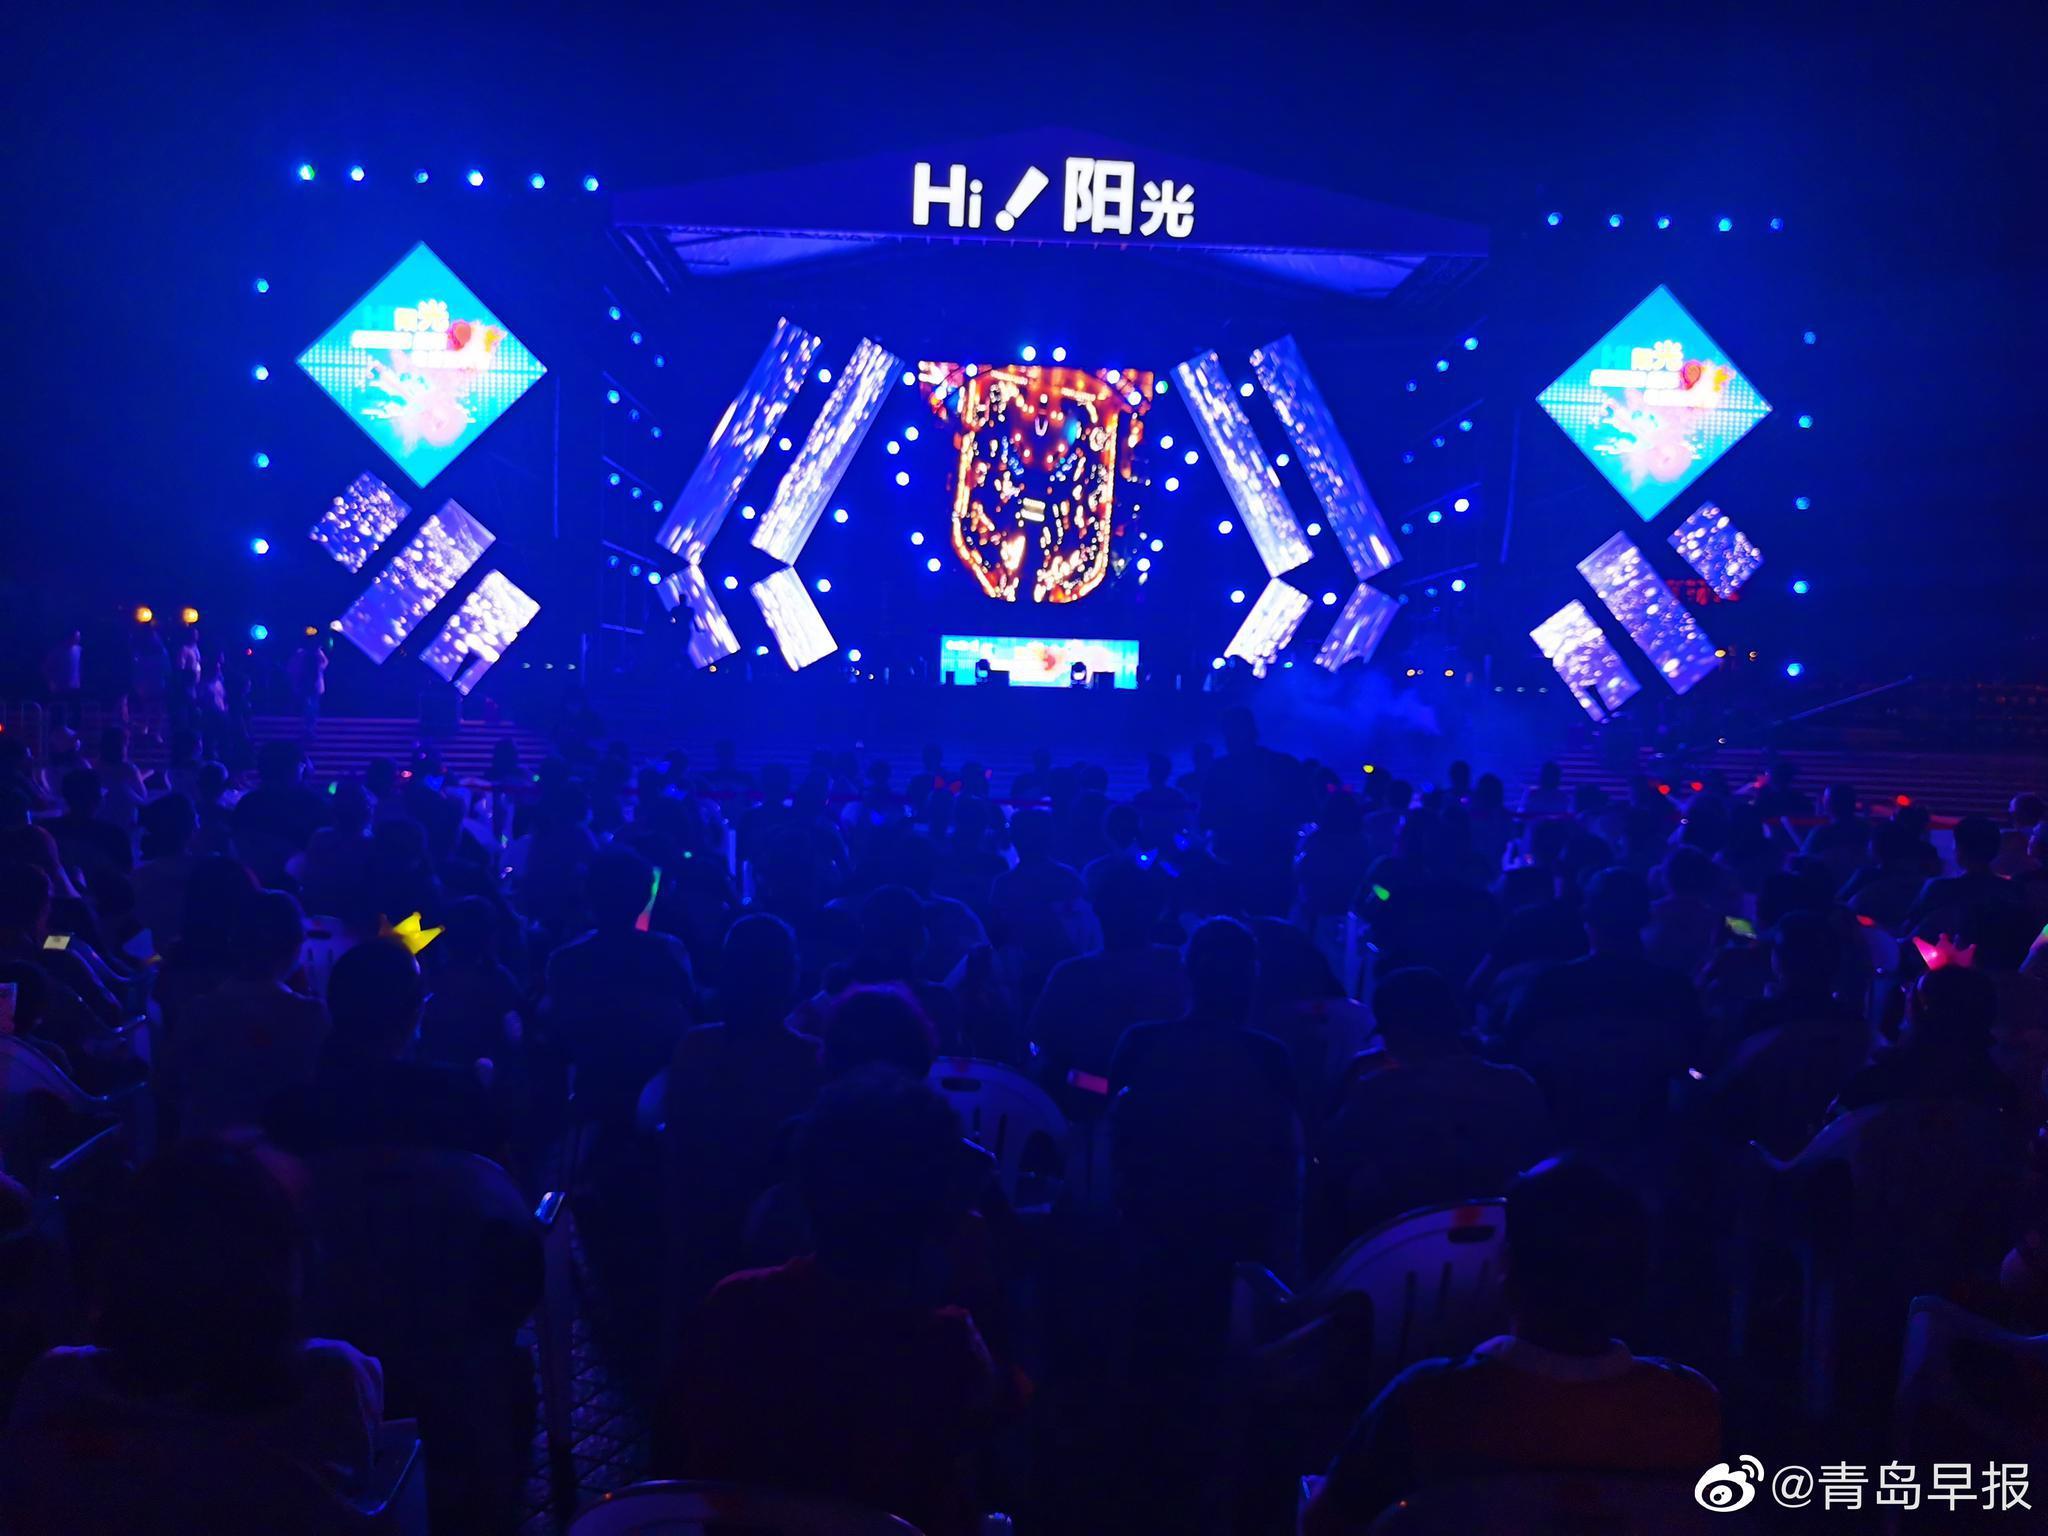 """今晚,""""Hi!阳光""""中日韩大学生国际电音狂欢节激情开唱!"""